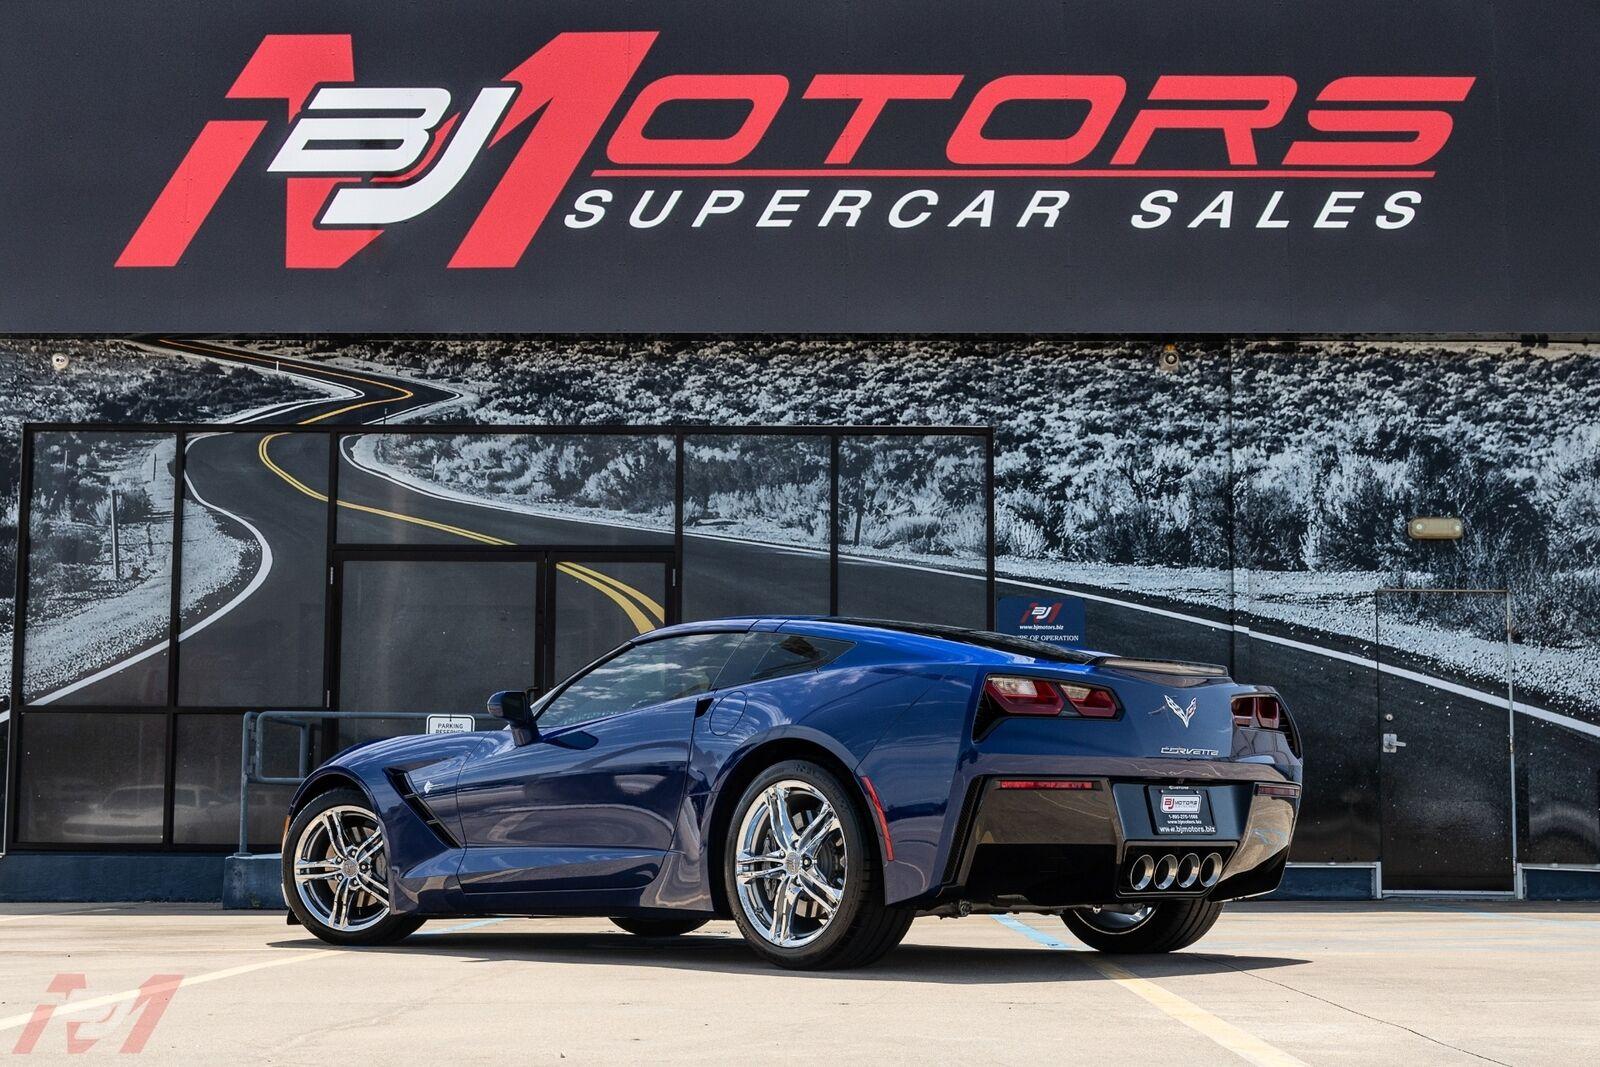 2017 Blue Chevrolet Corvette  2LT | C7 Corvette Photo 2